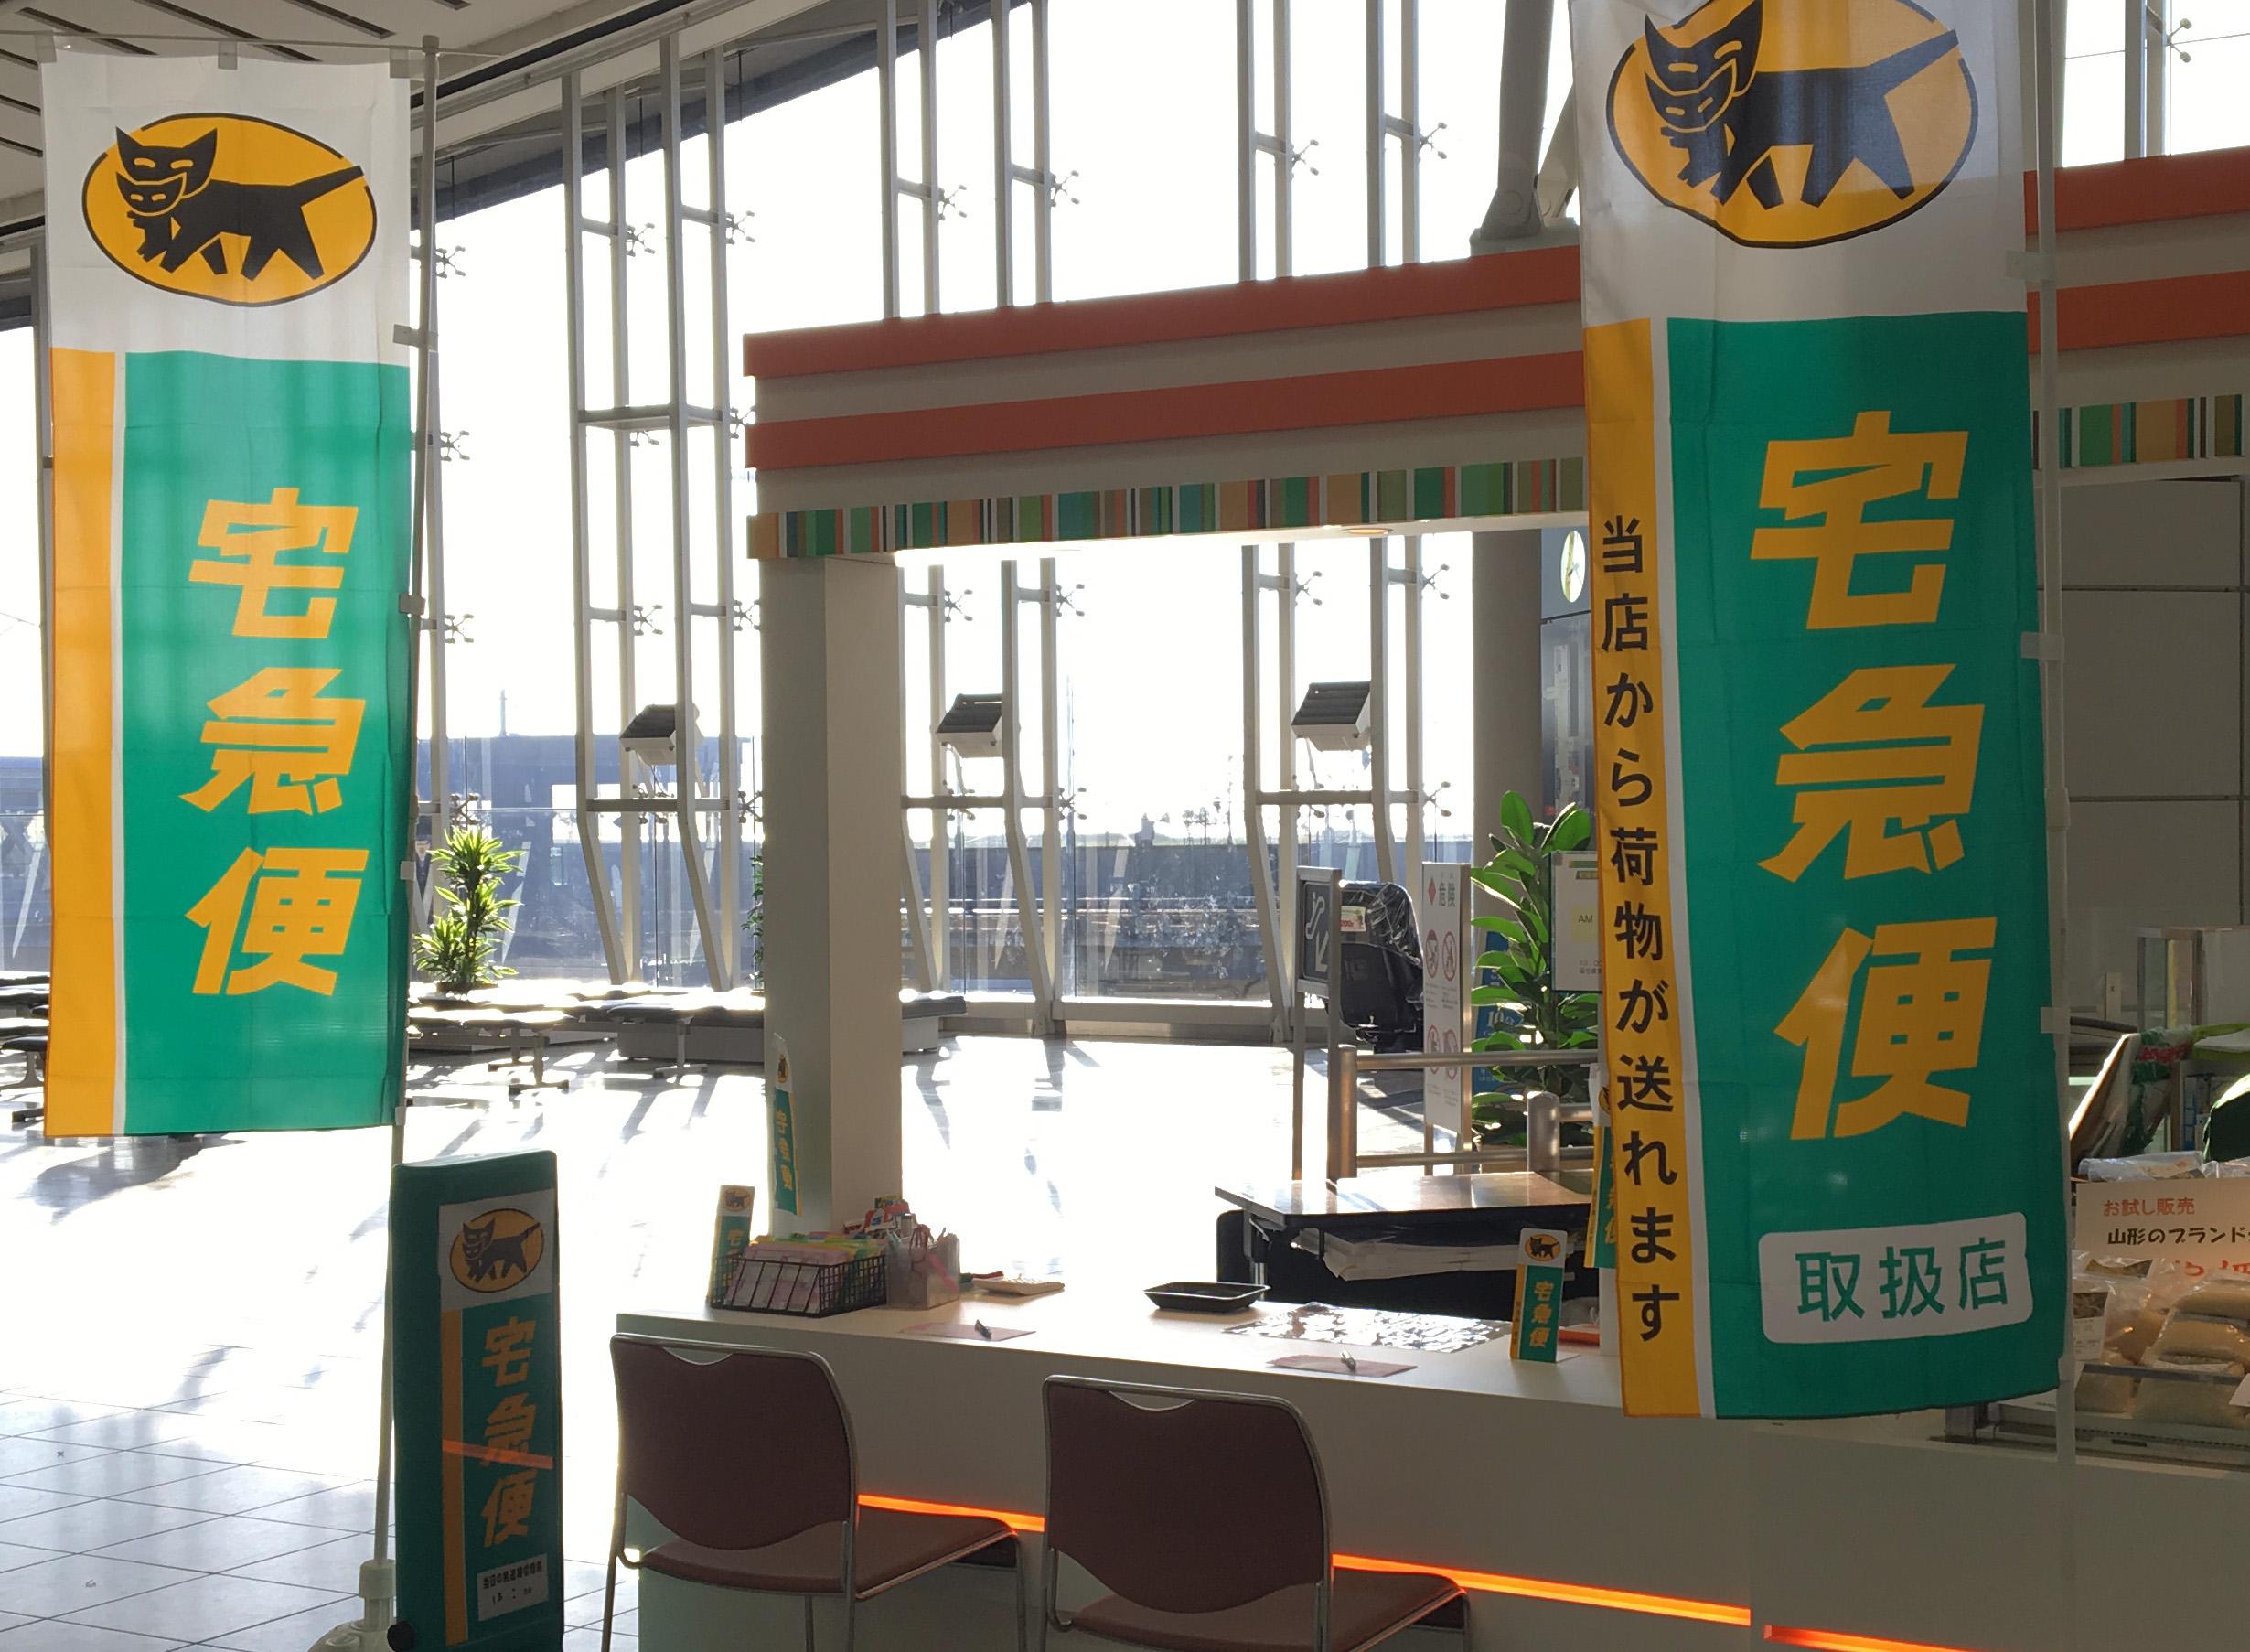 [Yamato Transport] Service Counter